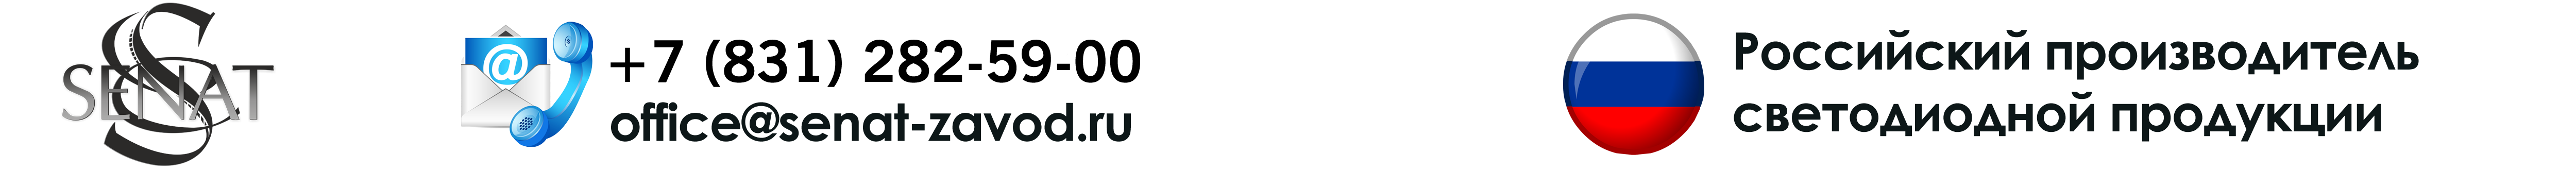 Официальный сайт производителя светодиодной продукции SENAT